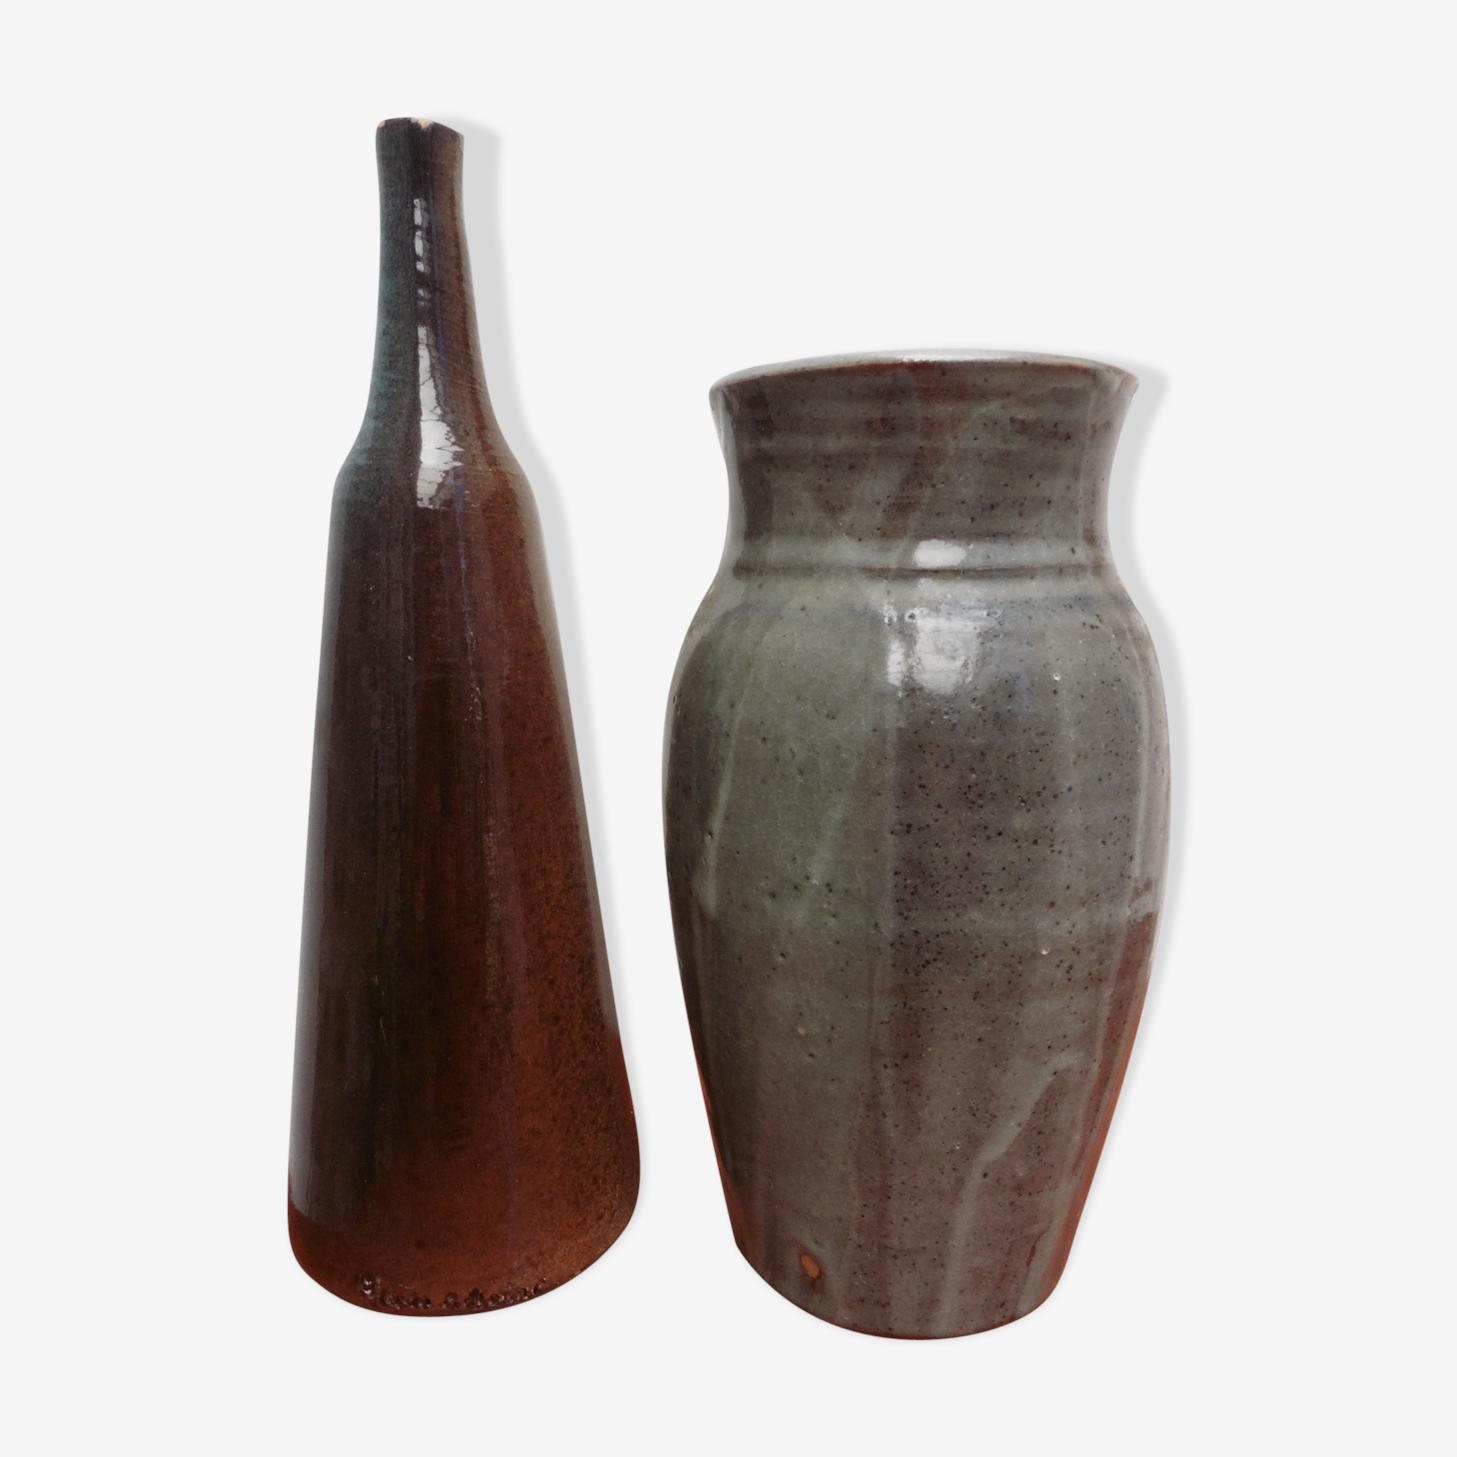 Duo de vases en grès vernissés